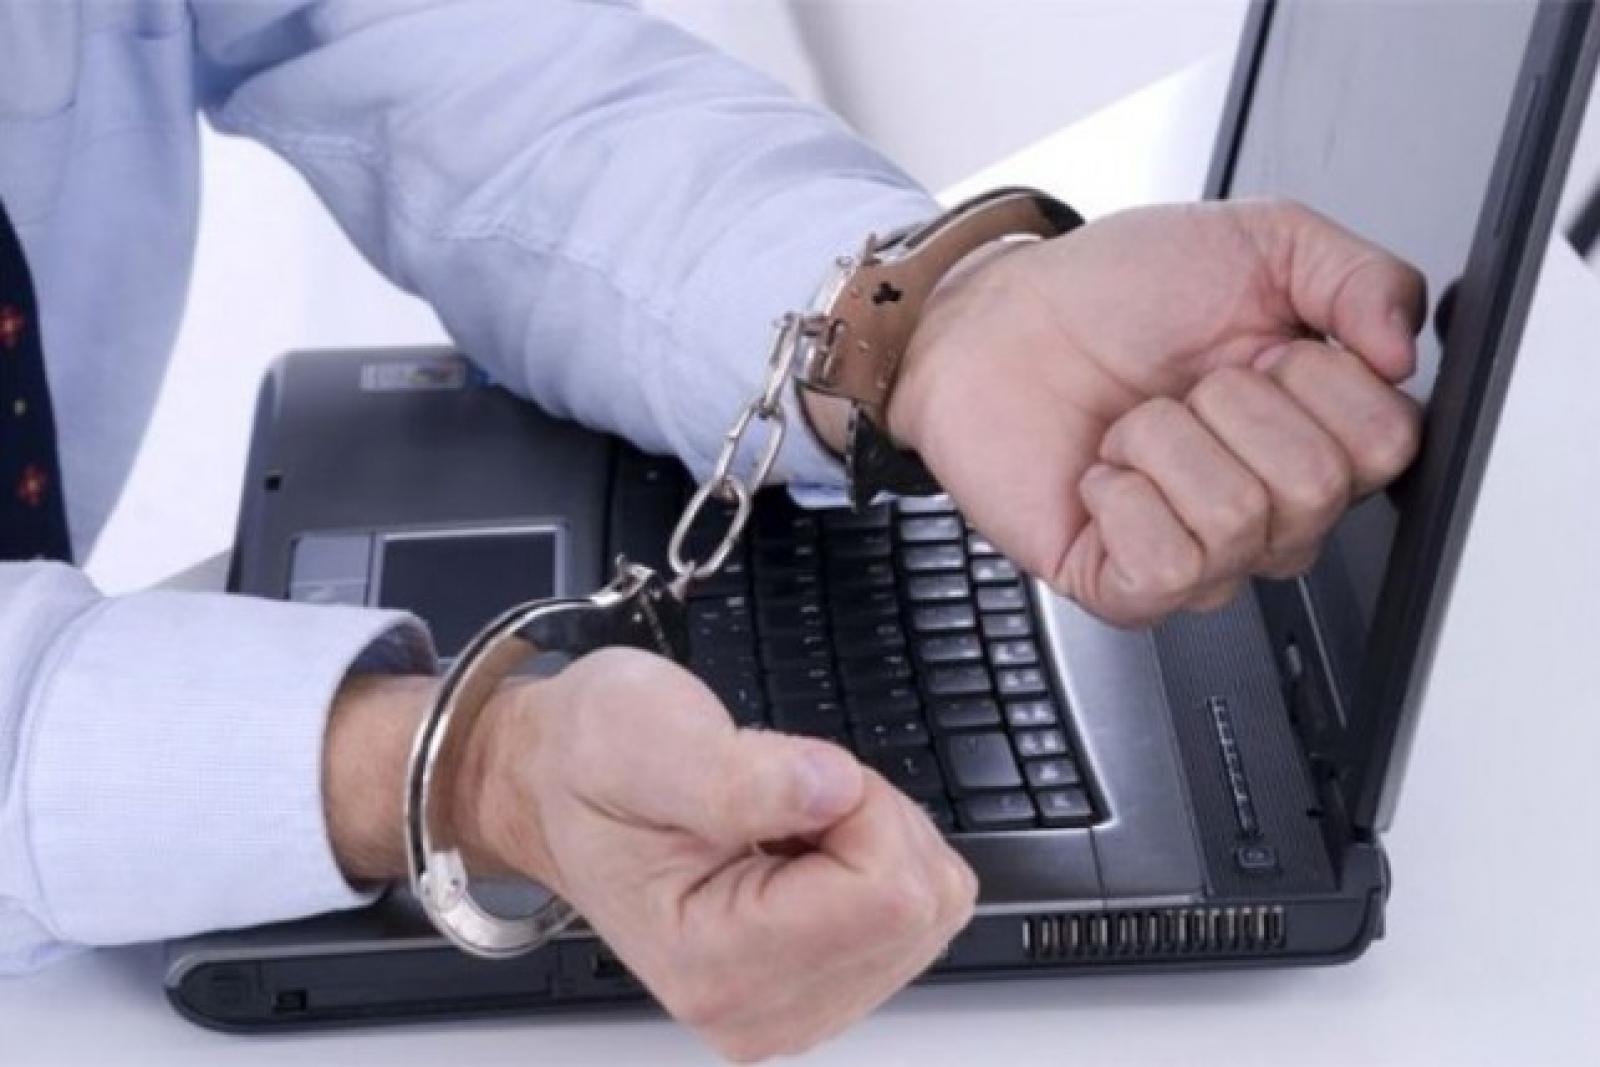 юридическая ответственность за фото в интернете одном